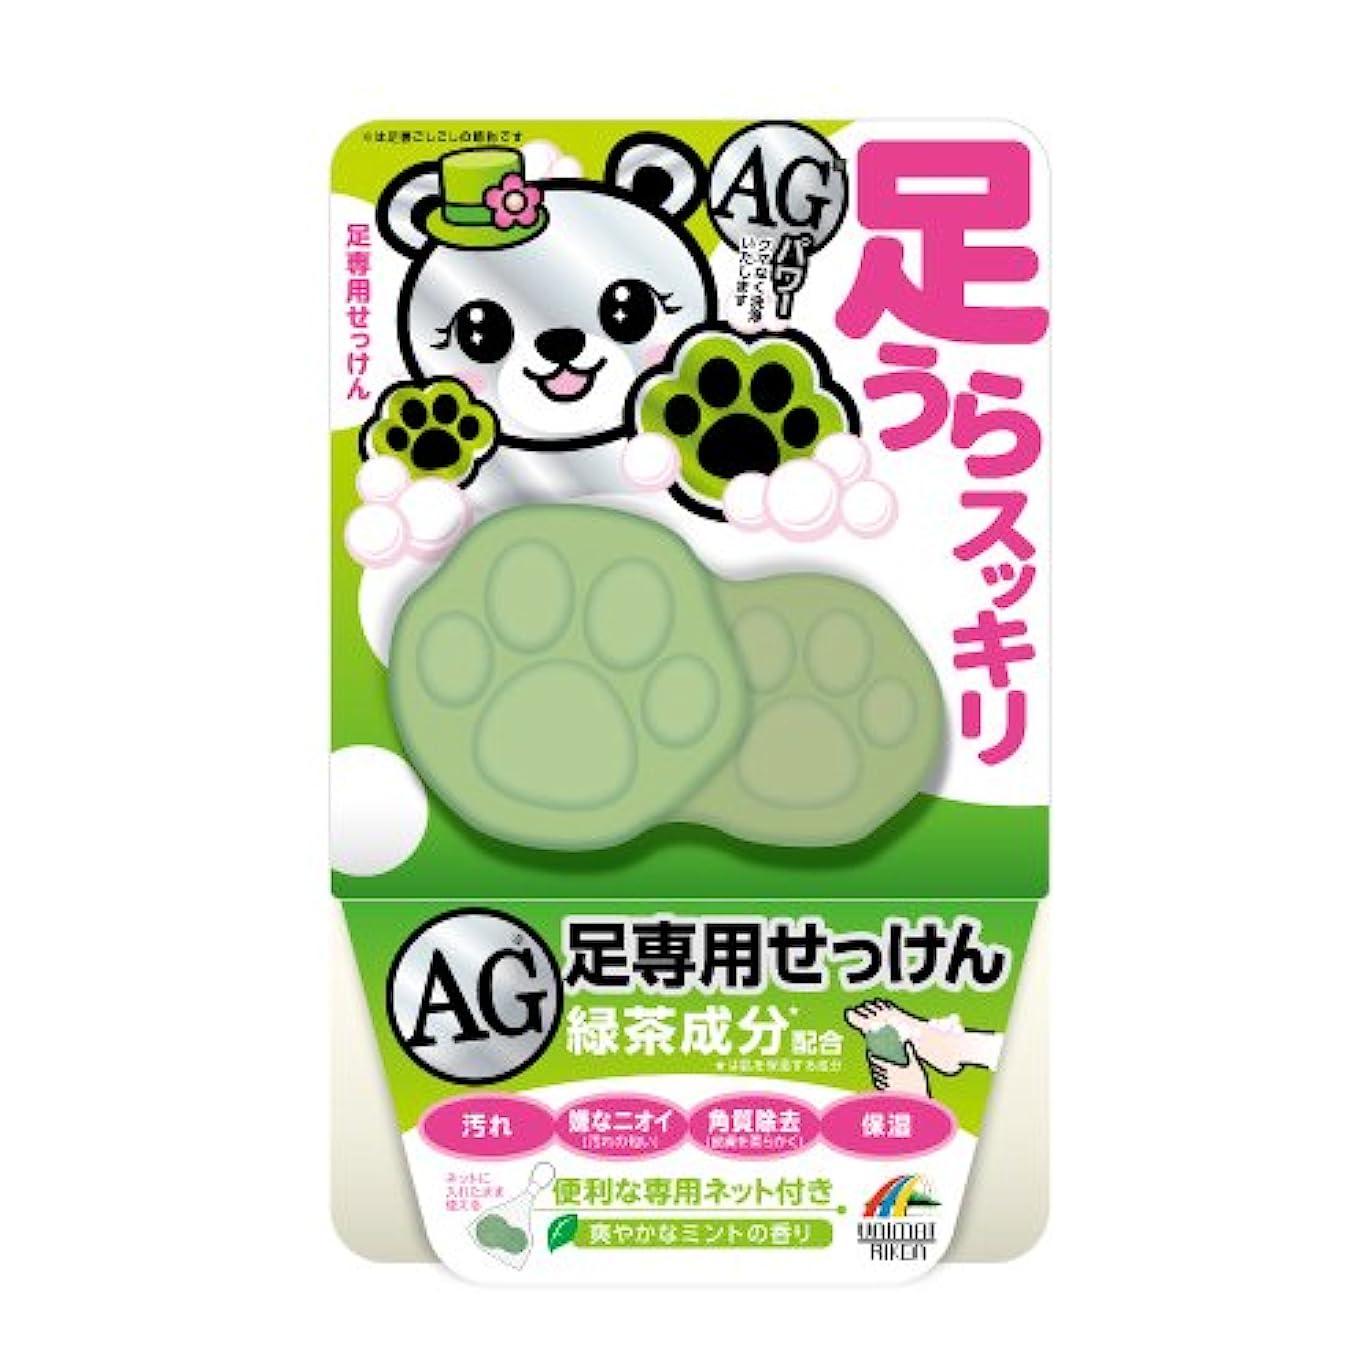 手のひら弱める弱めるユニマットリケン 足裏スッキリAG石鹸(緑茶成分配合) 70g